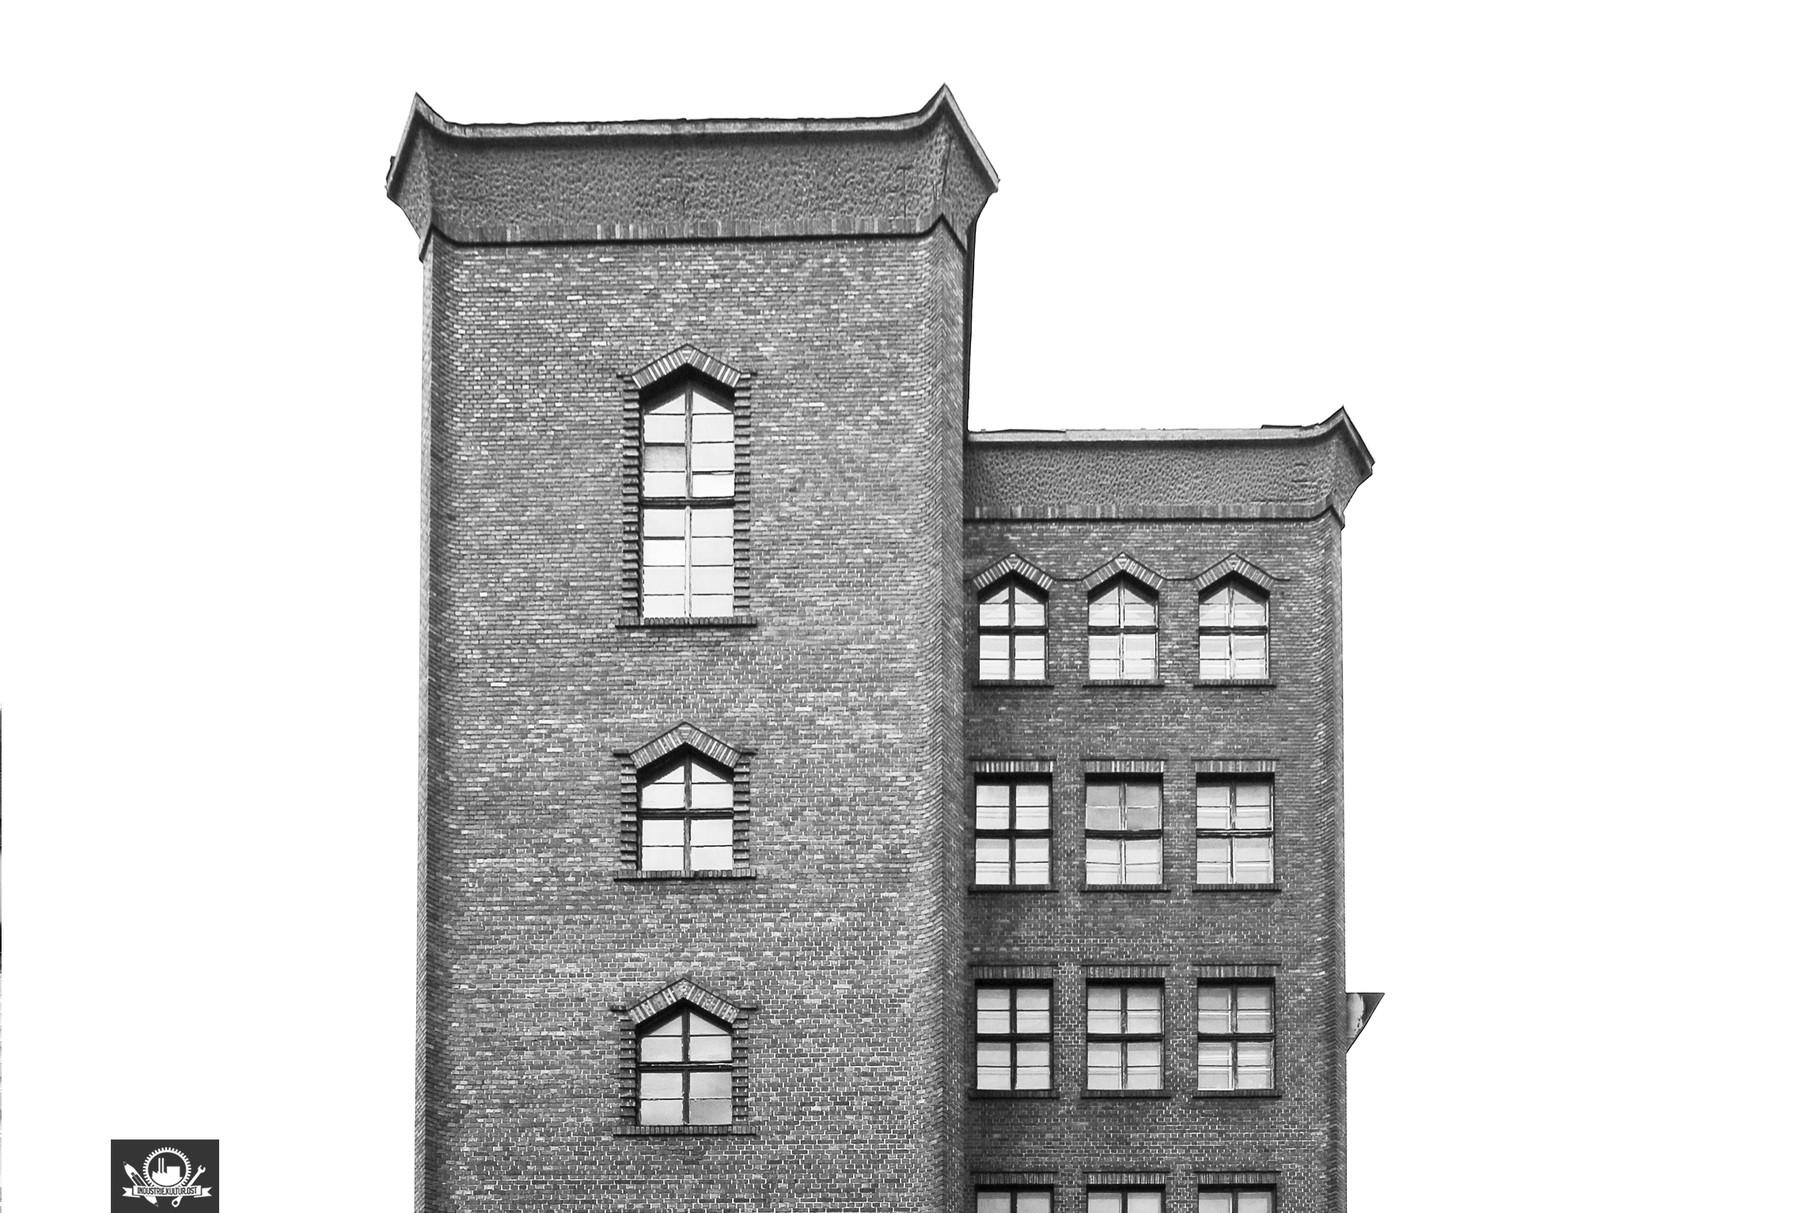 Fassade der Strumpffabrik F.Tauscher